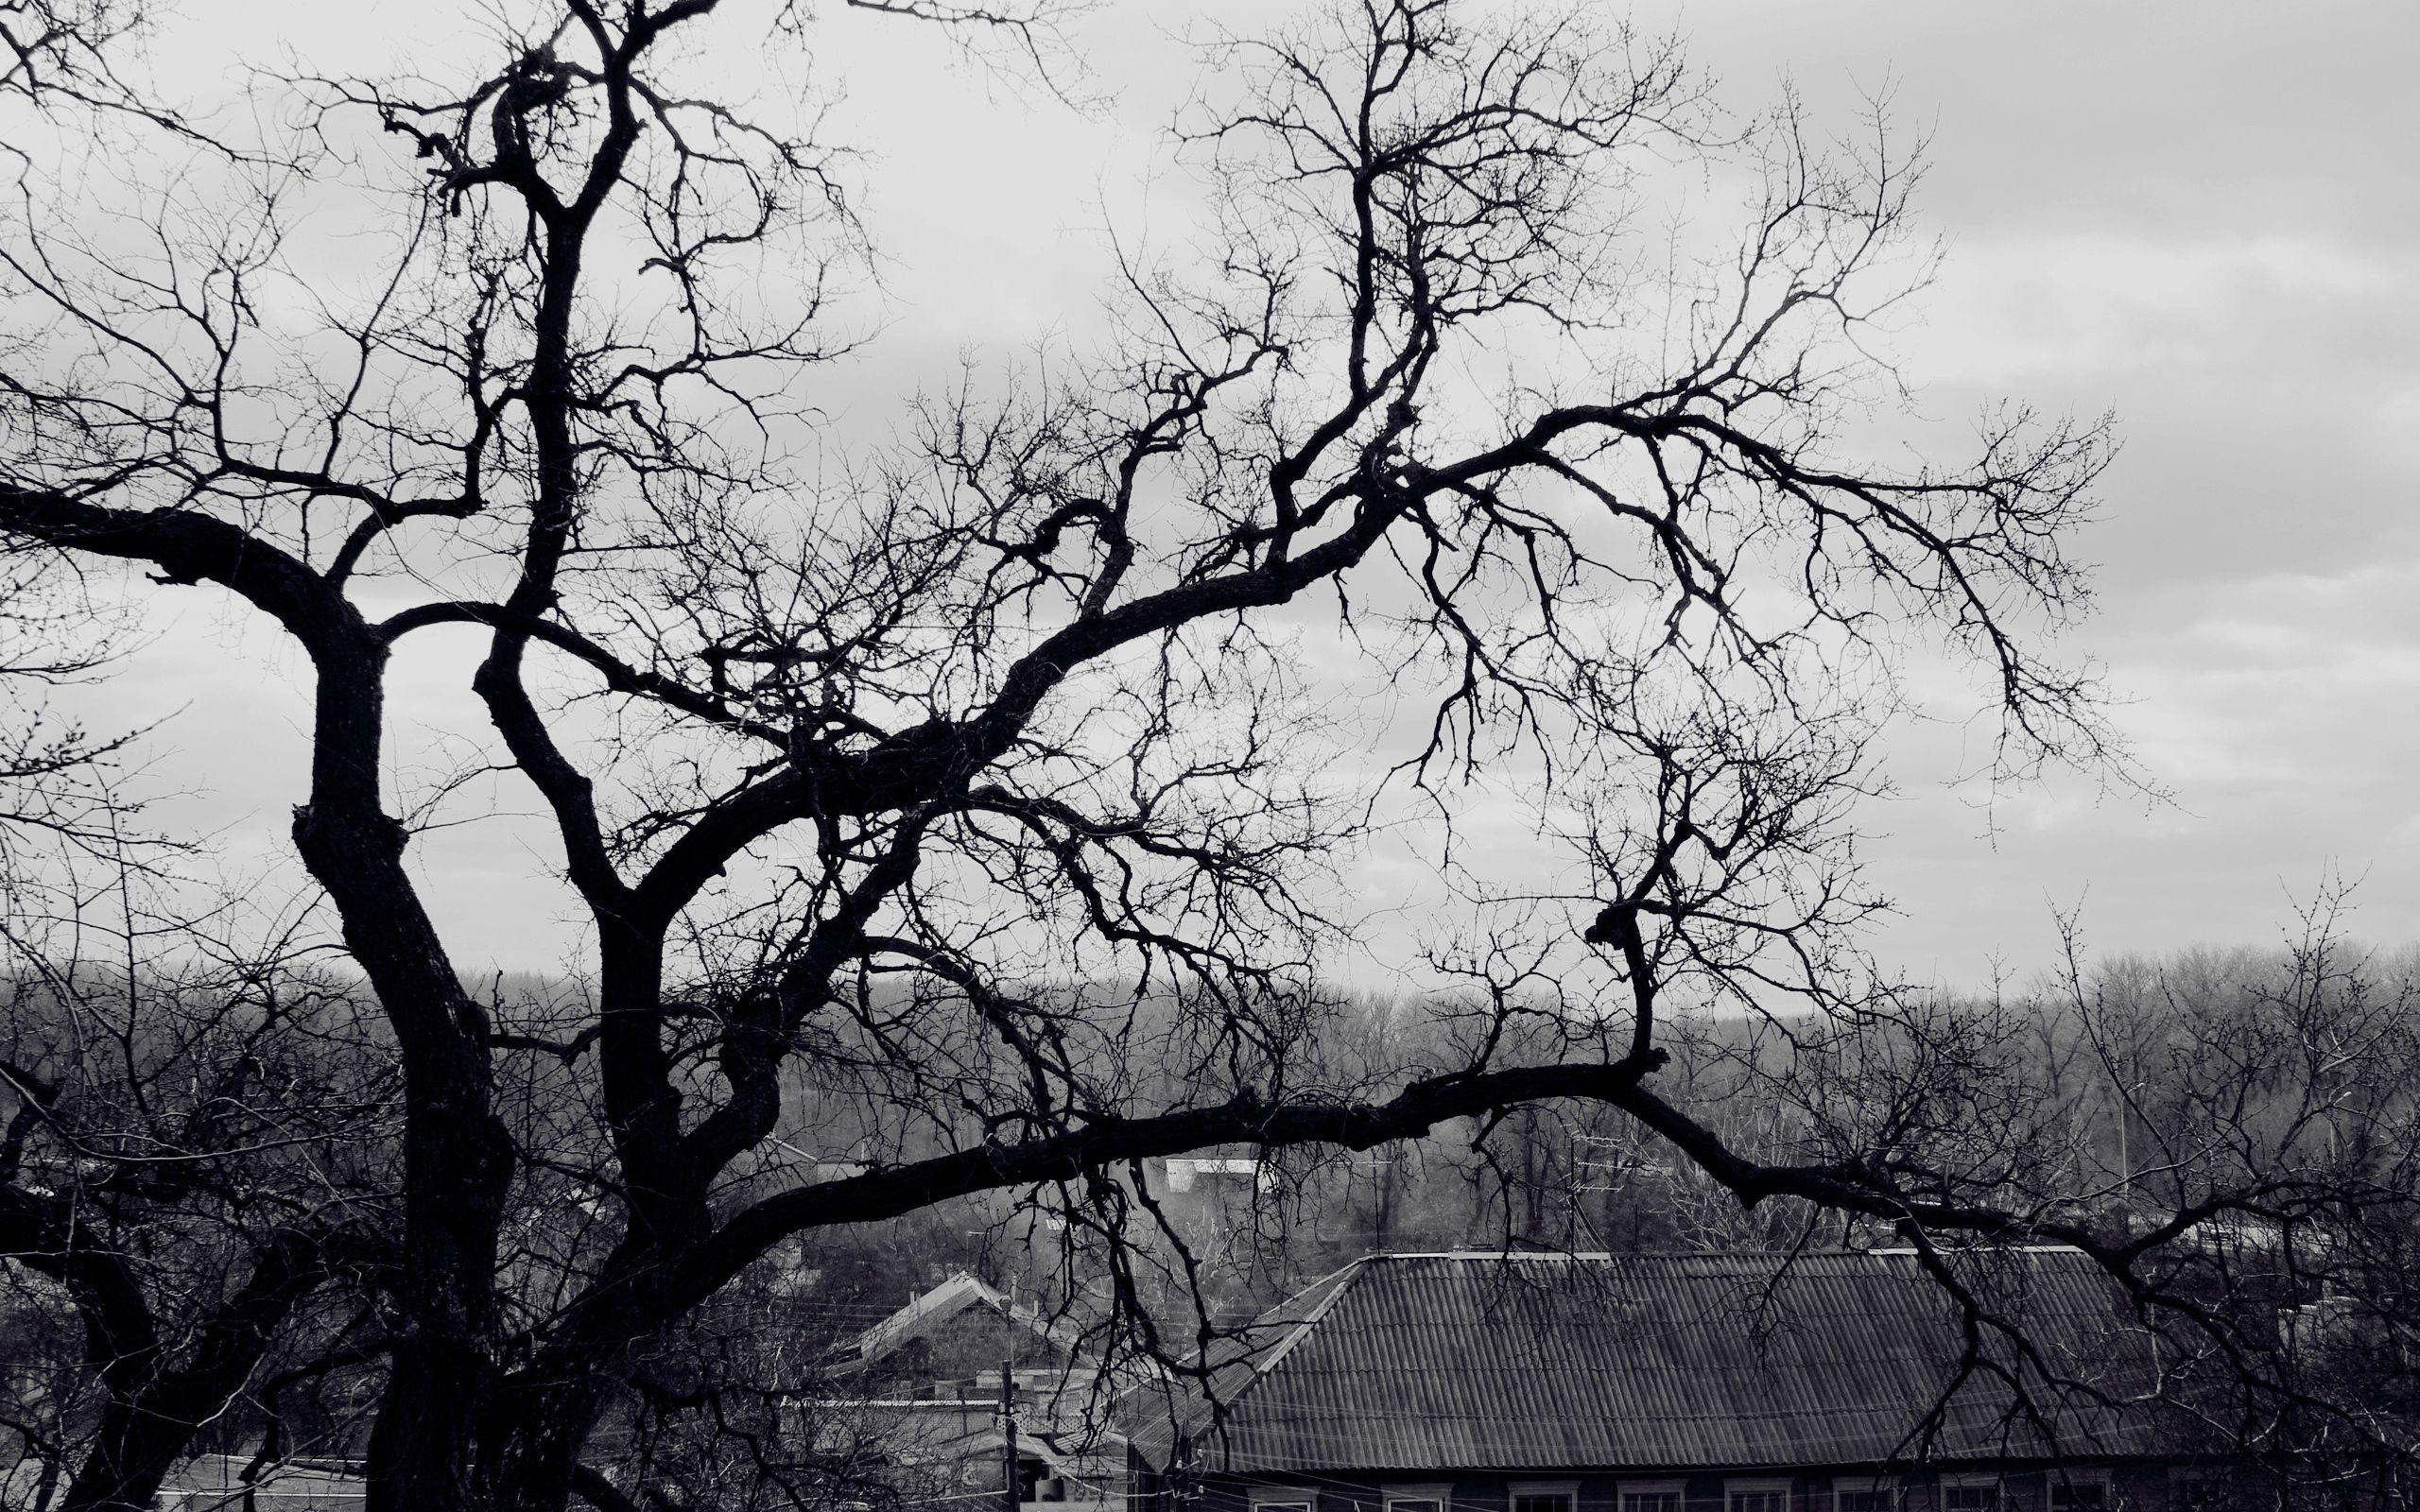 68587 baixar papel de parede Natureza, Madeira, Árvore, Galhos, Ramo, Preto E Branco, Cobertura, Telhado, Arrepiante, Assustador, Sombrio - protetores de tela e imagens gratuitamente